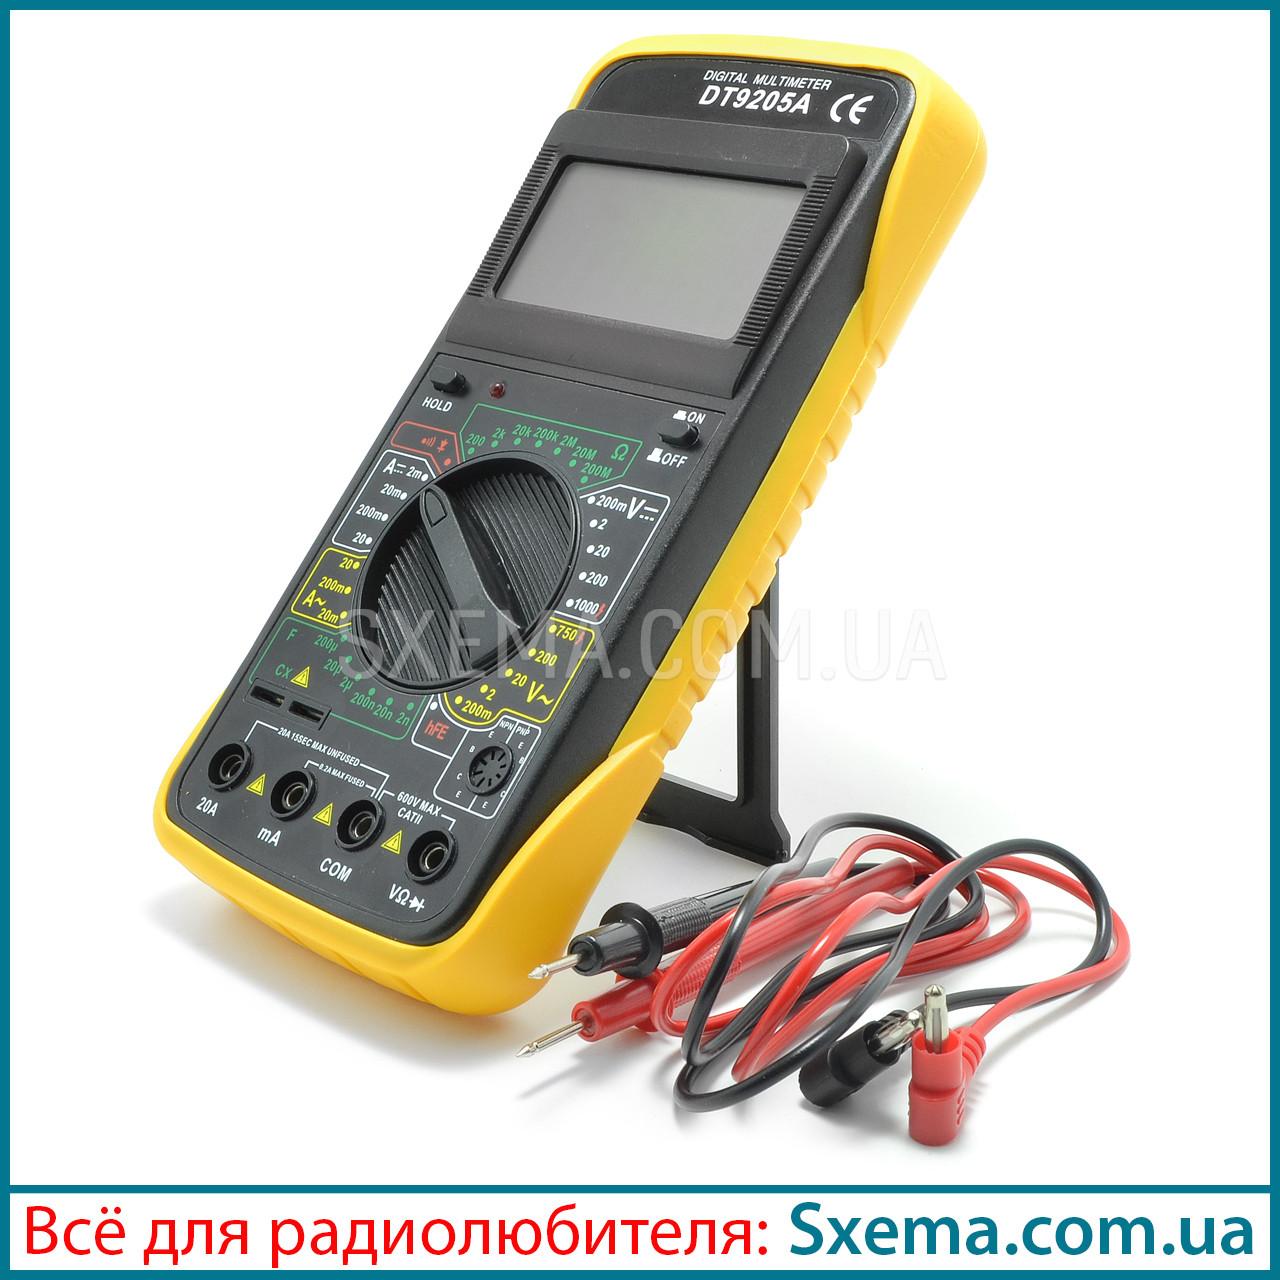 Мультиметр цифровой DT9205A с автовыключением, прозвонка, амперметр, вольтметр